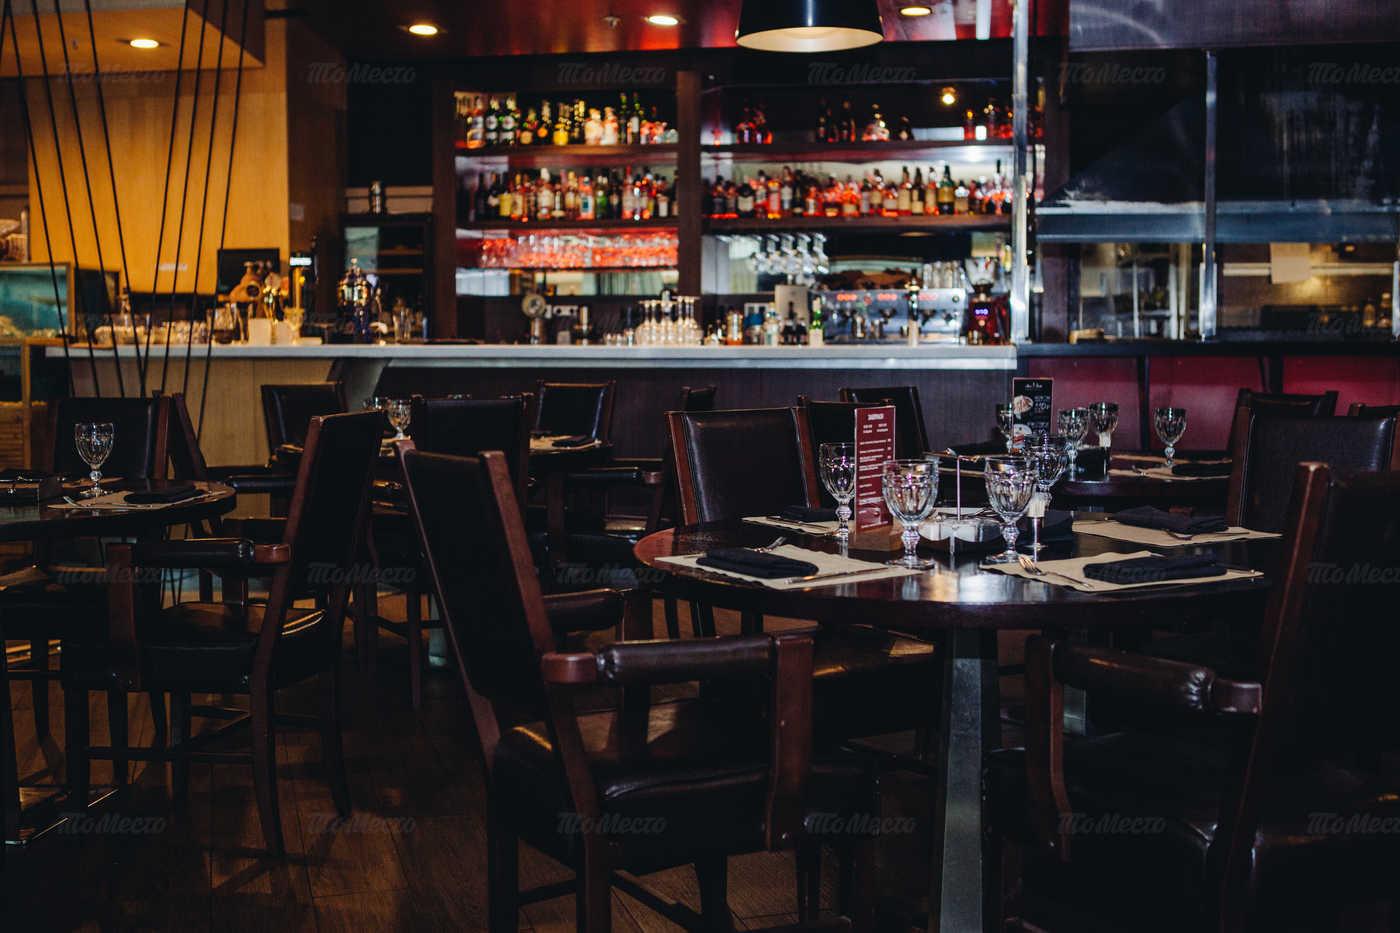 Ресторан Мясо & Рыба (Meat & Fish) на Пресненской набережной фото 5